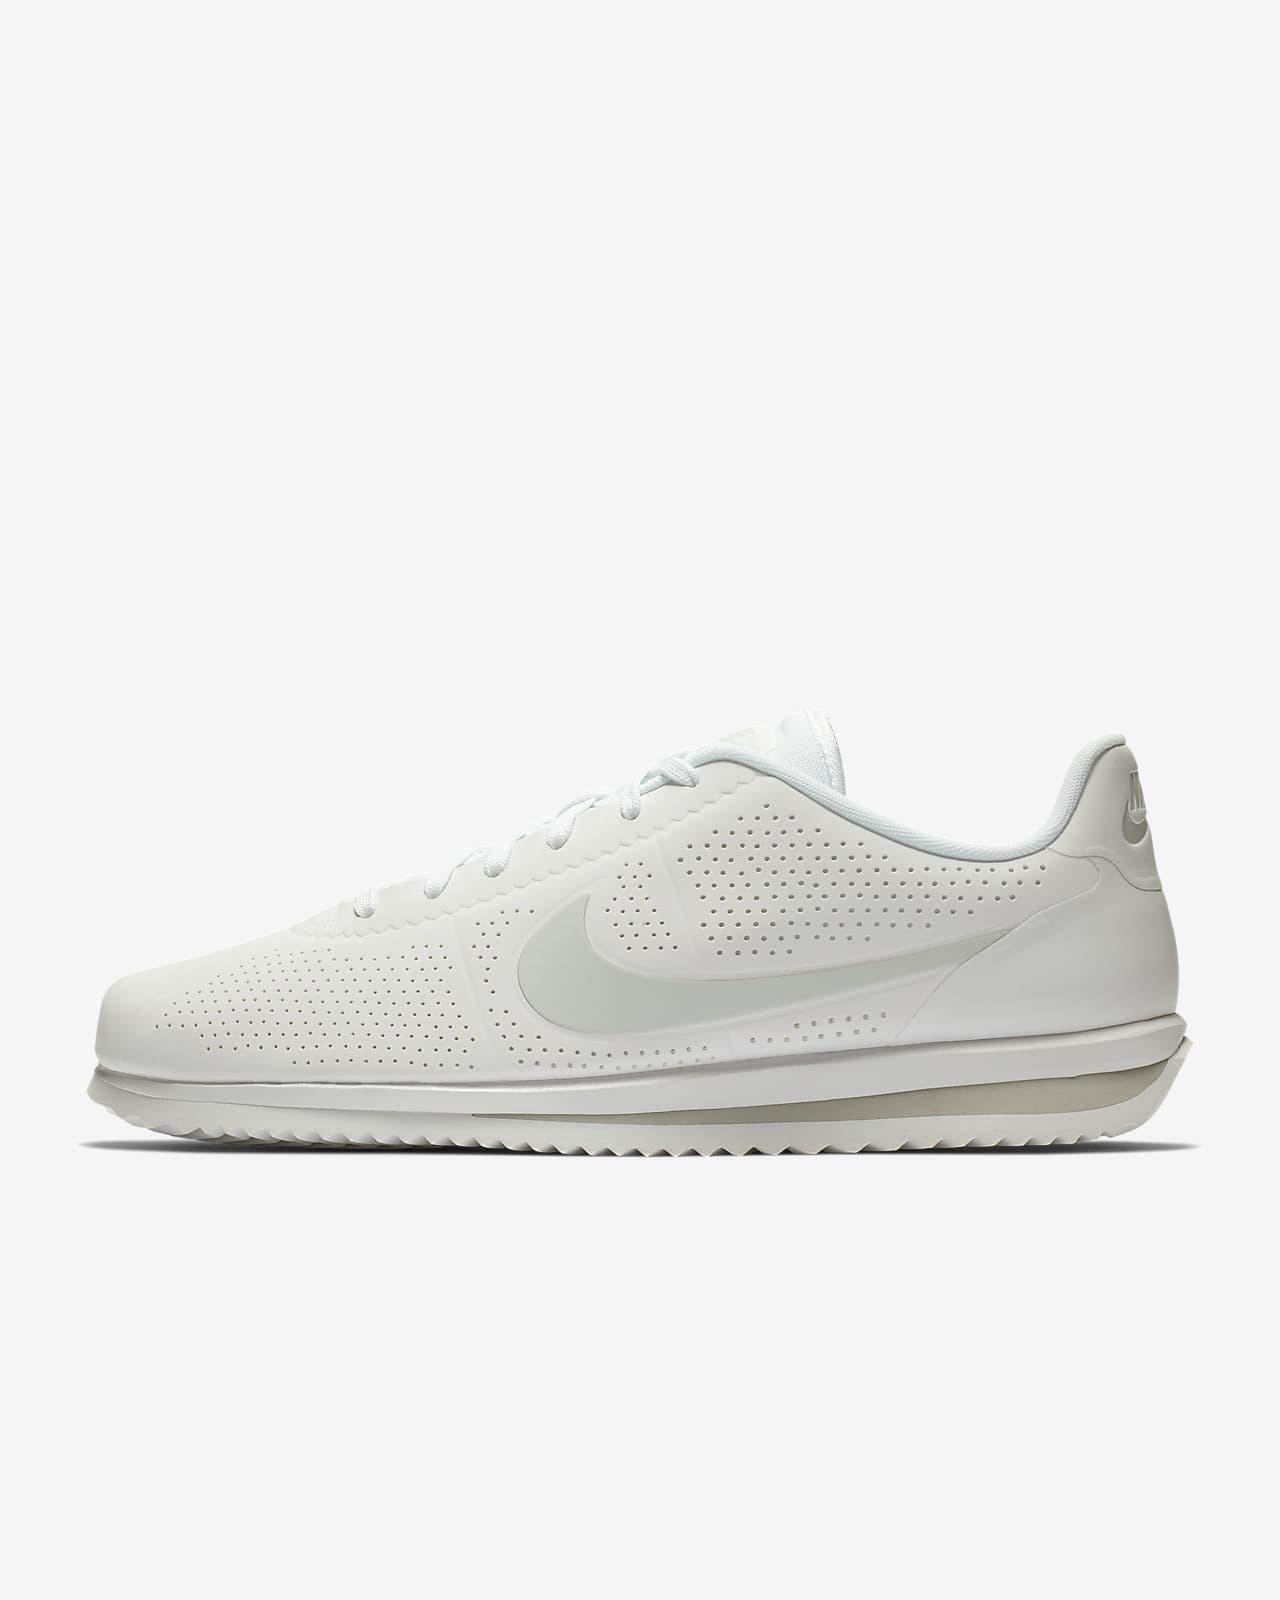 Pánská bota Nike Cortez Ultra Moire